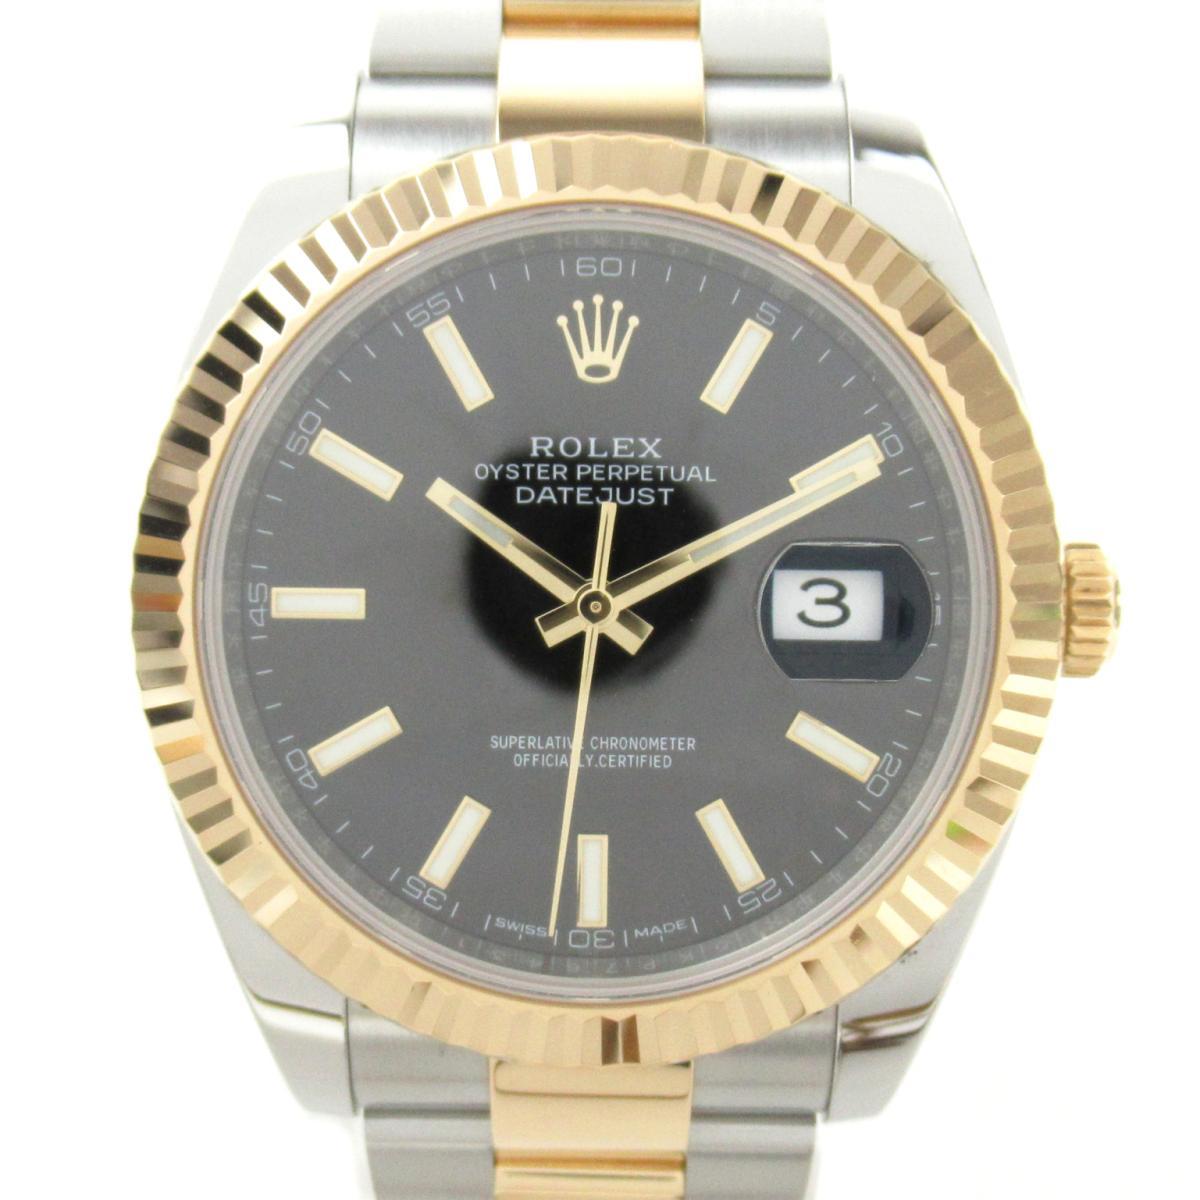 【中古】 ロレックス デイトジャスト ウォッチ 腕時計 メンズ K18YG (750)イエローゴールド ステンレススチール (SS) (126233 ランダム番) | ROLEX BRANDOFF ブランドオフ ブランド ブランド時計 ブランド腕時計 時計